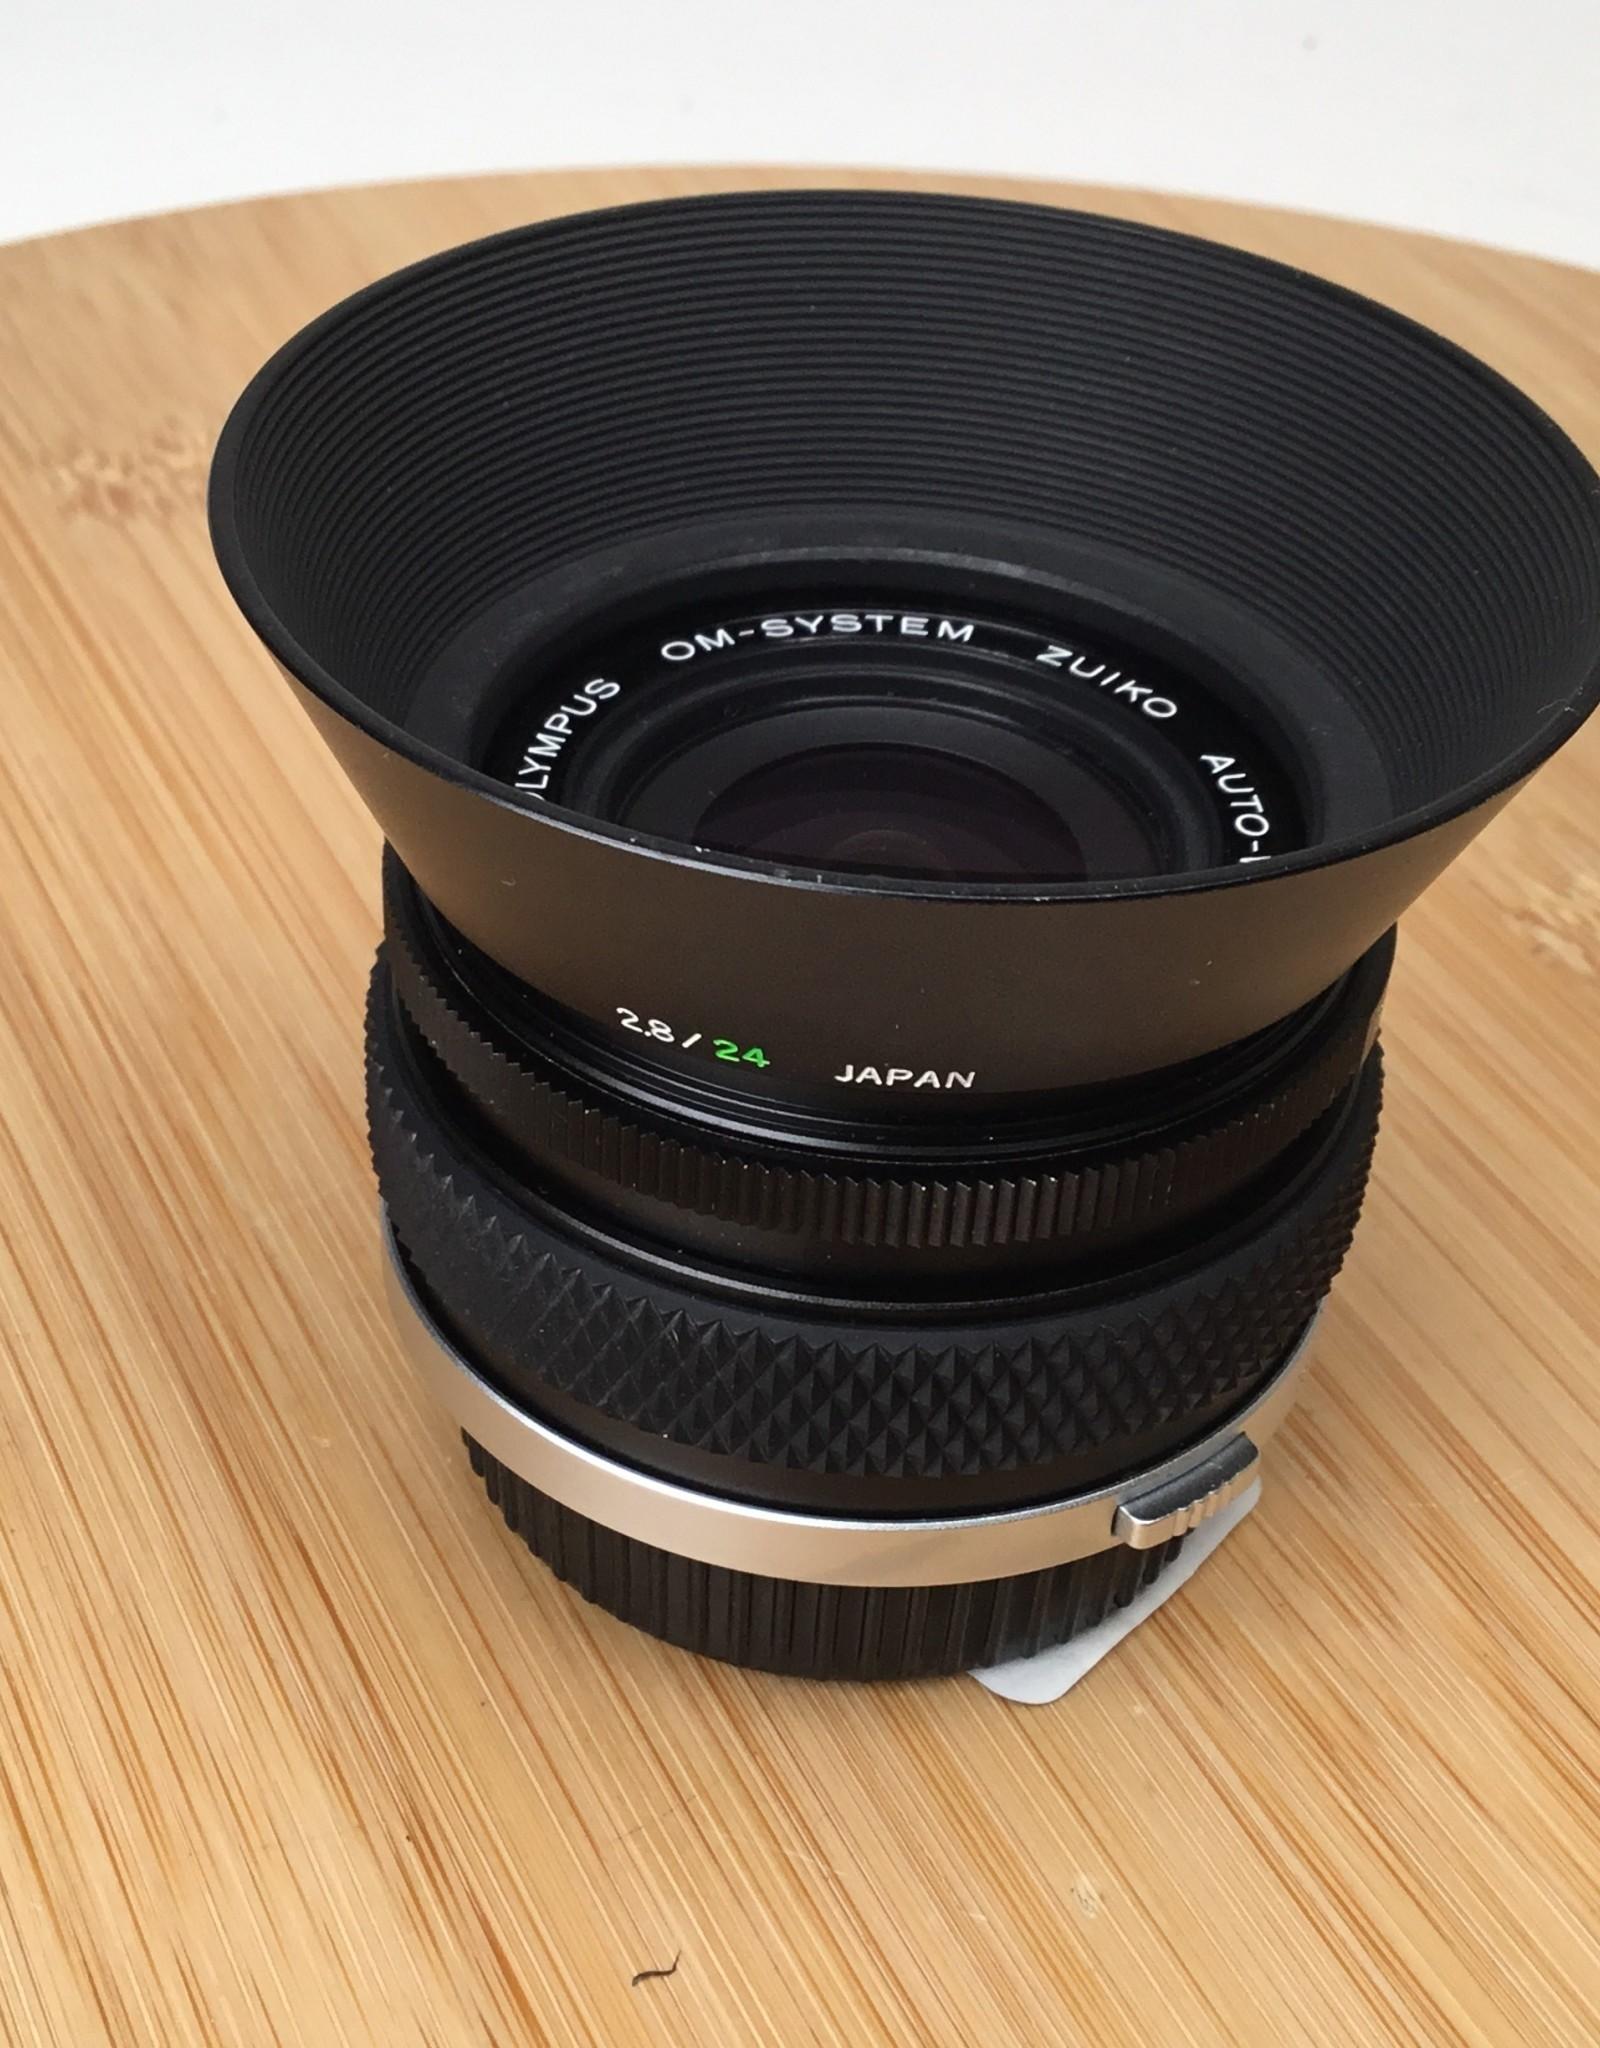 OLYMPUS Olympus OM 24mm f2.8 Lens with Hood Used EX+